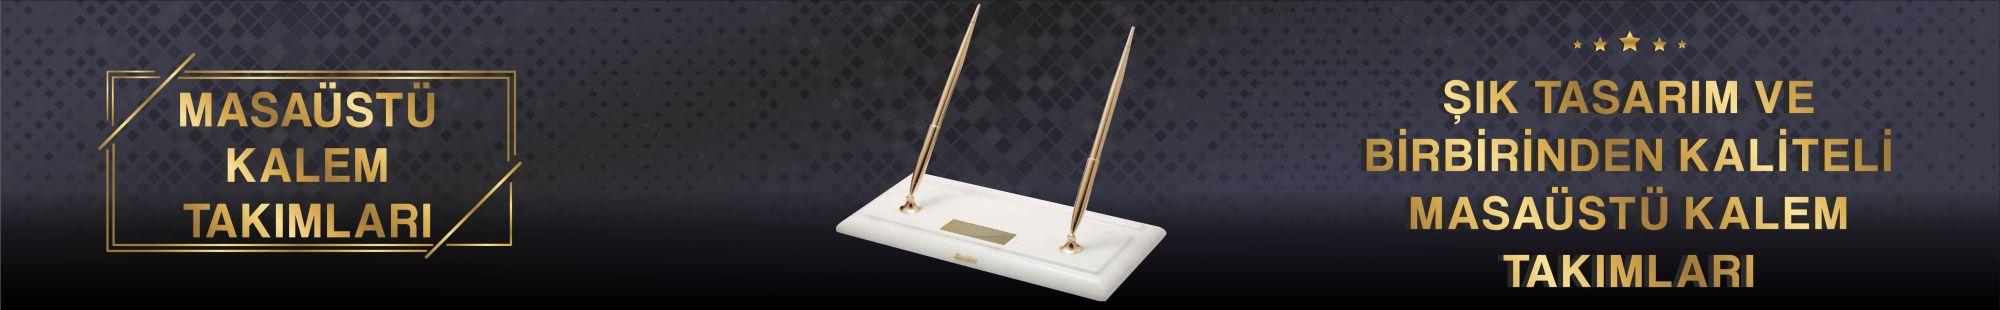 Masaüstü Kalem Takımları